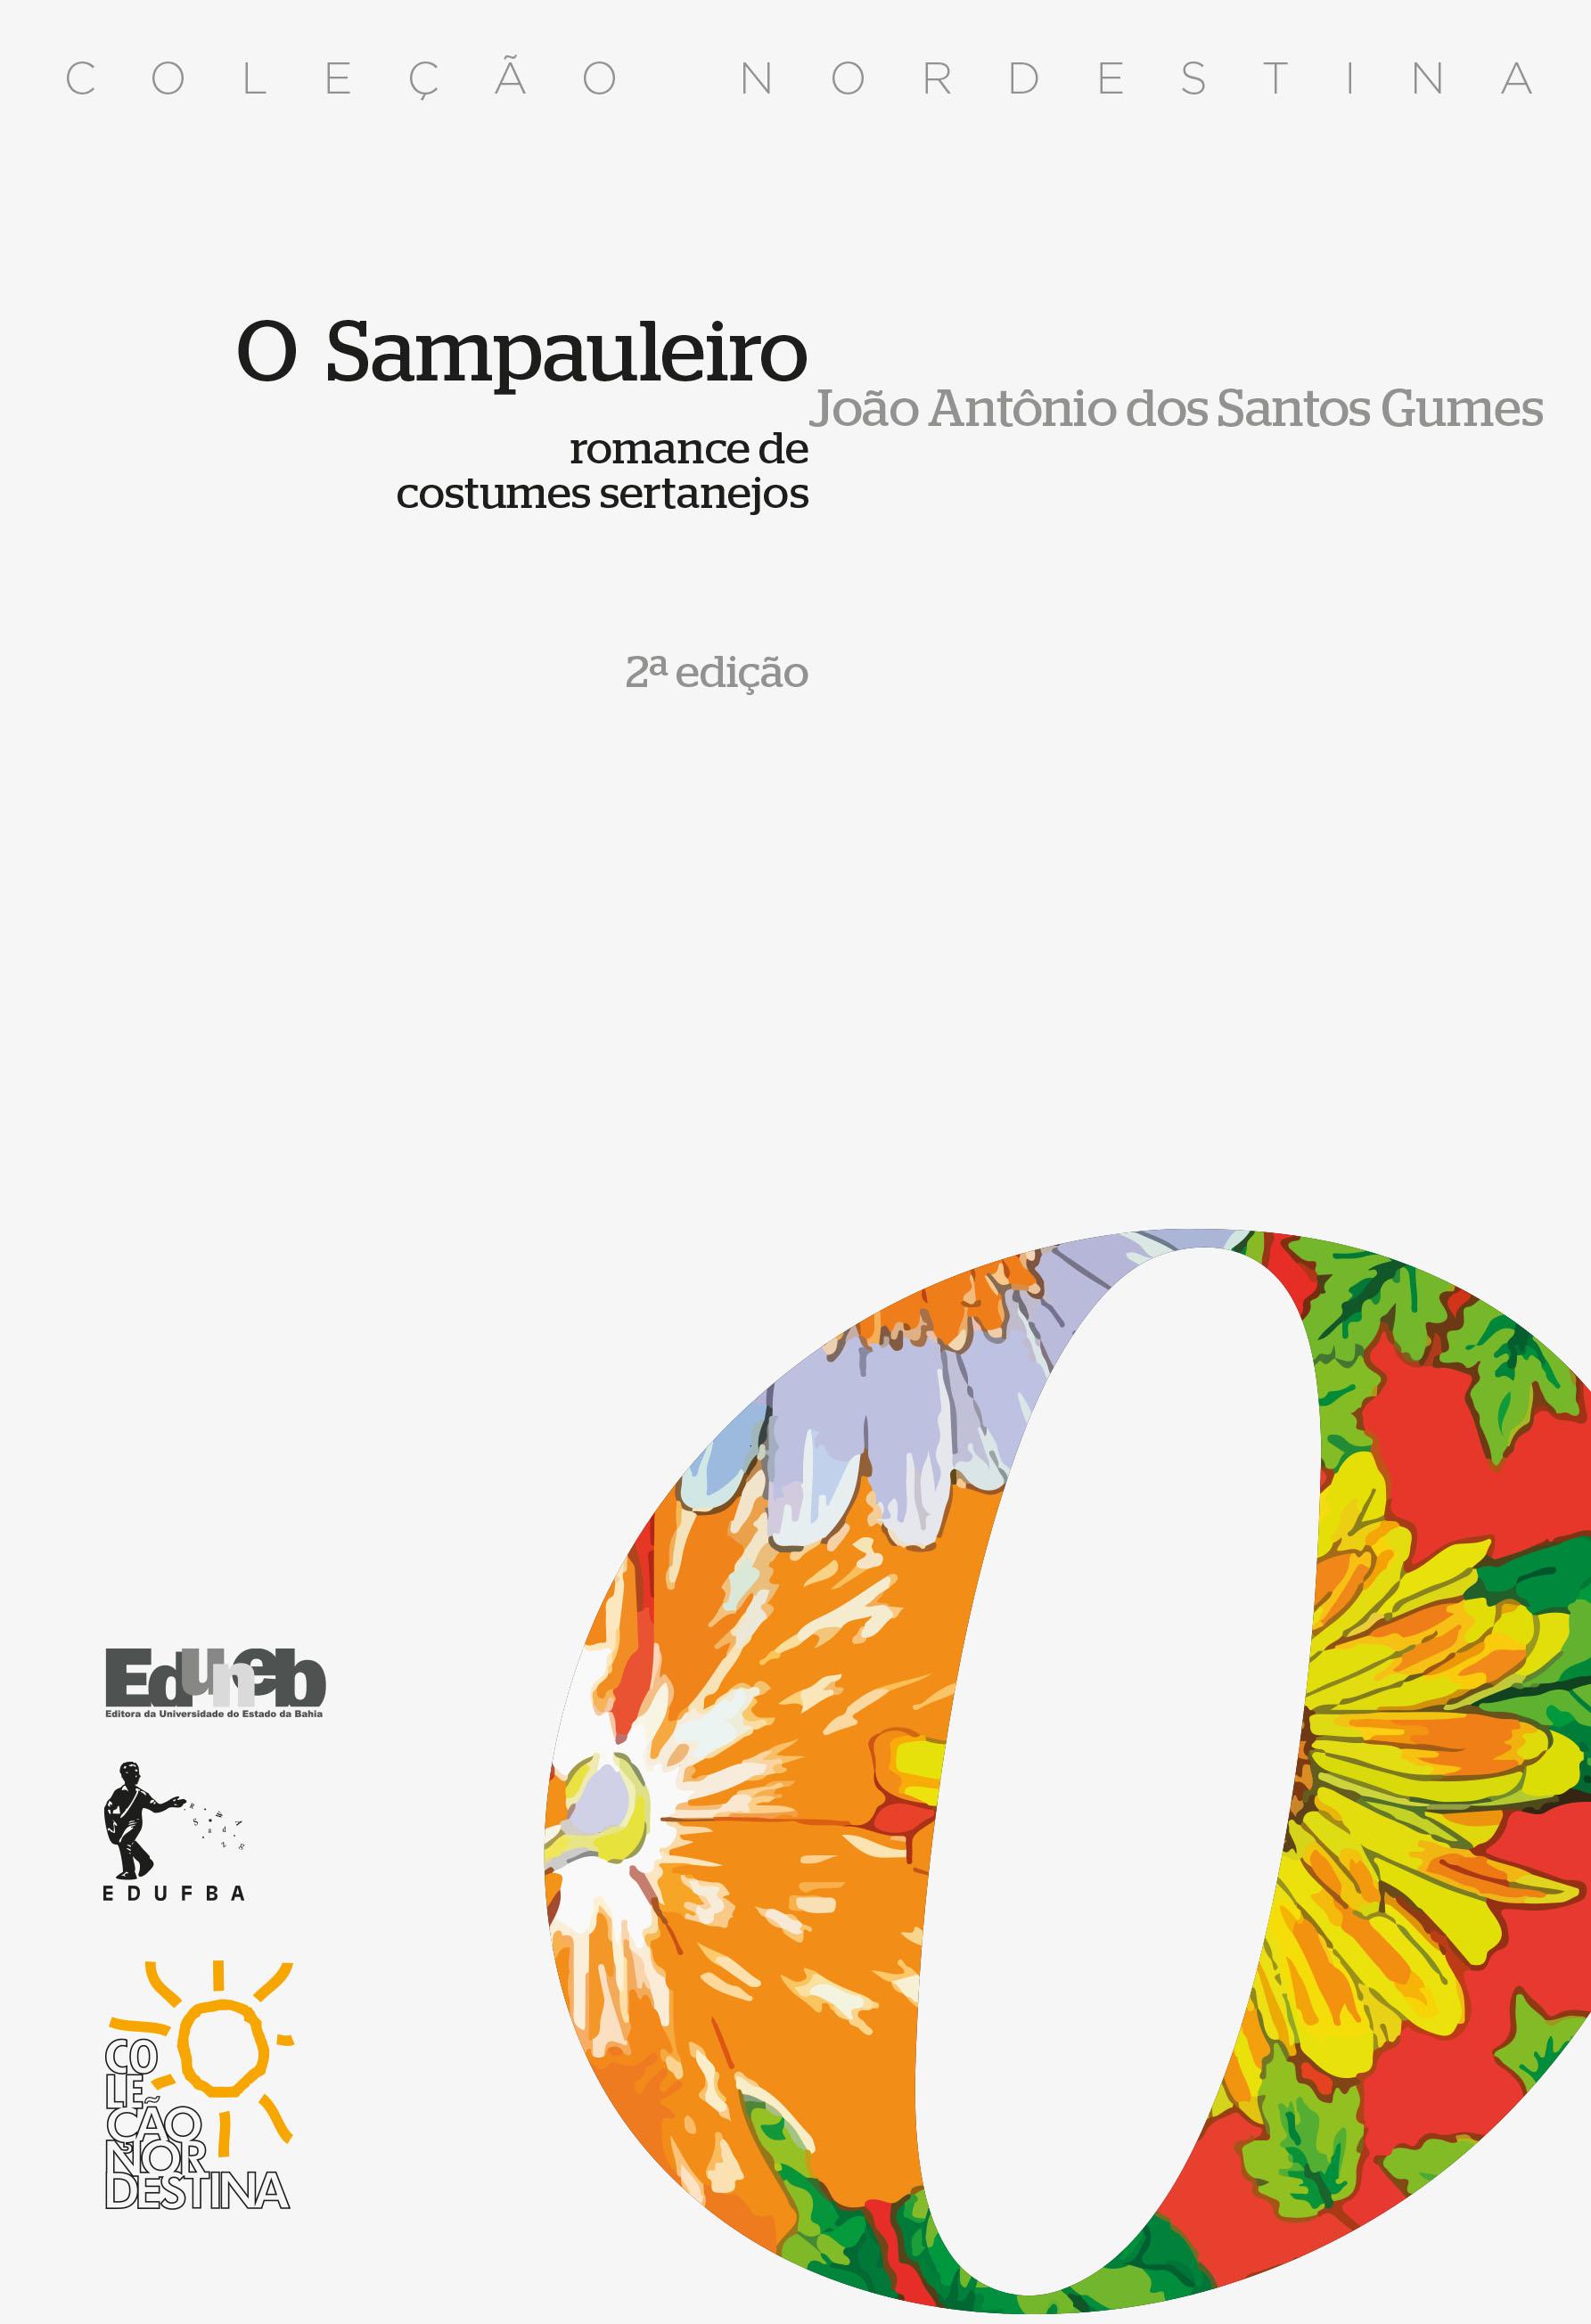 O Sampauleiro: romance de costumes sertanejos, livro de João Antônio dos Santos Gumes